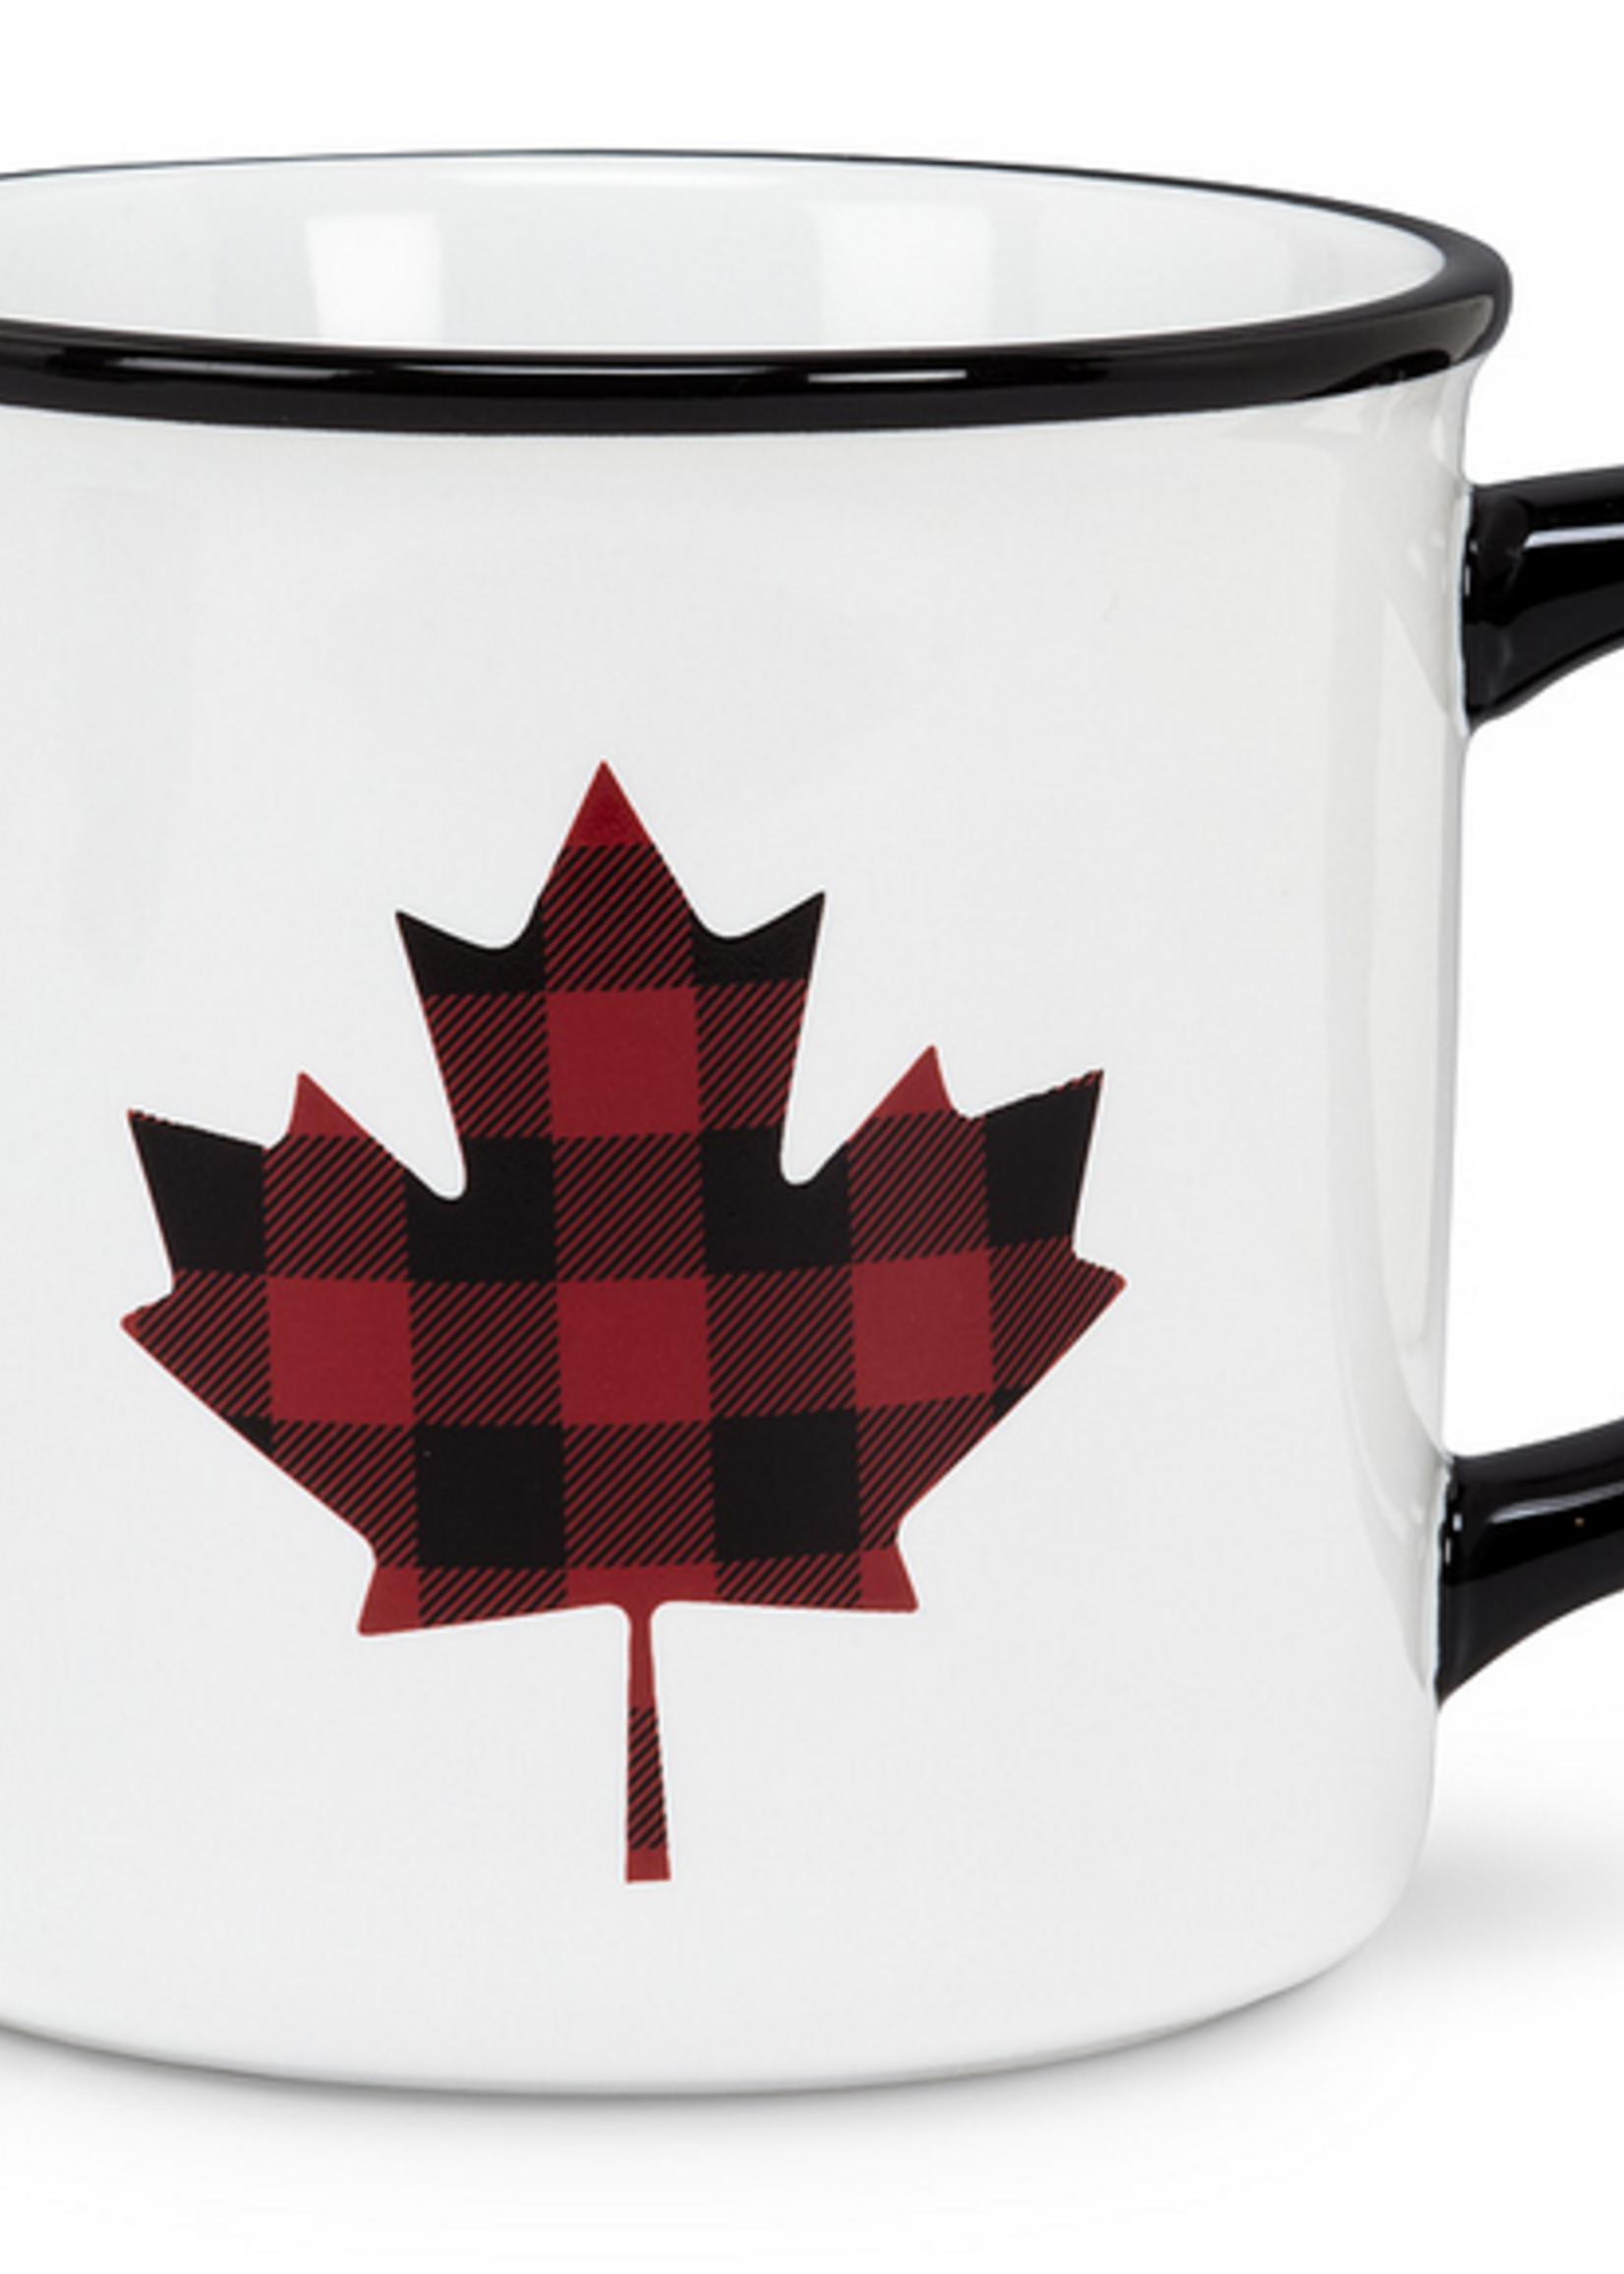 Abbott Plaid Maple Leaf Mug